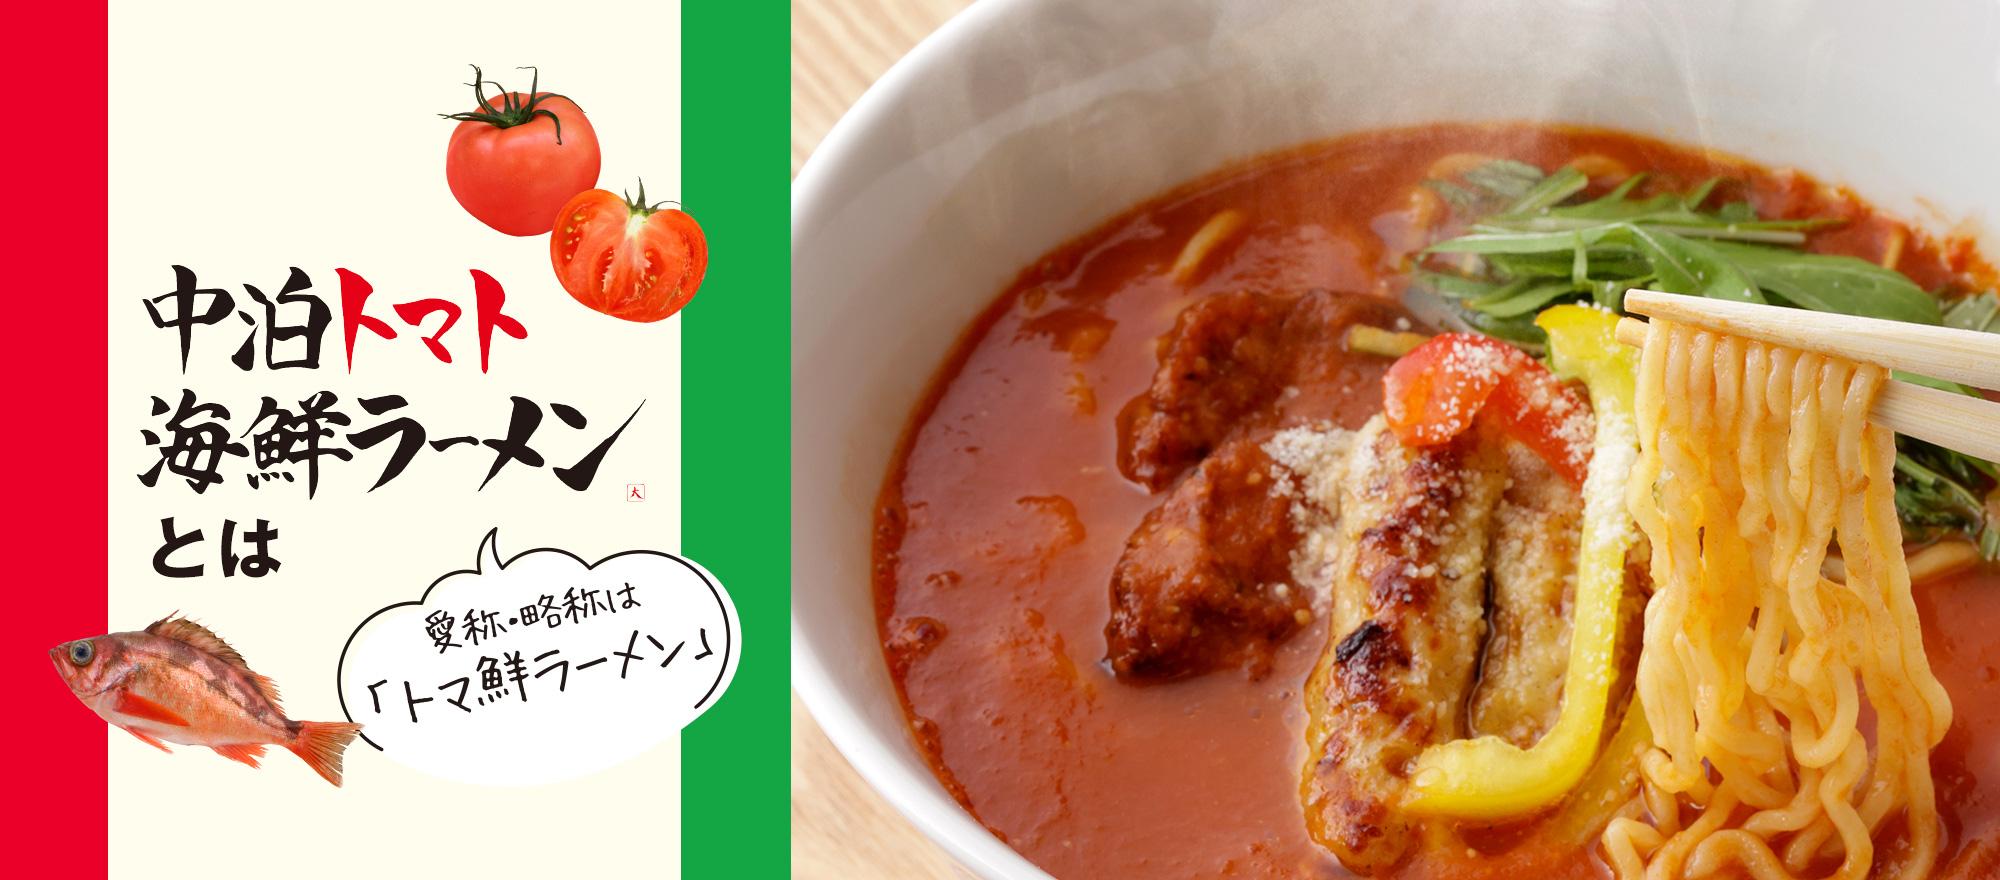 中泊トマト海鮮ラーメンとは